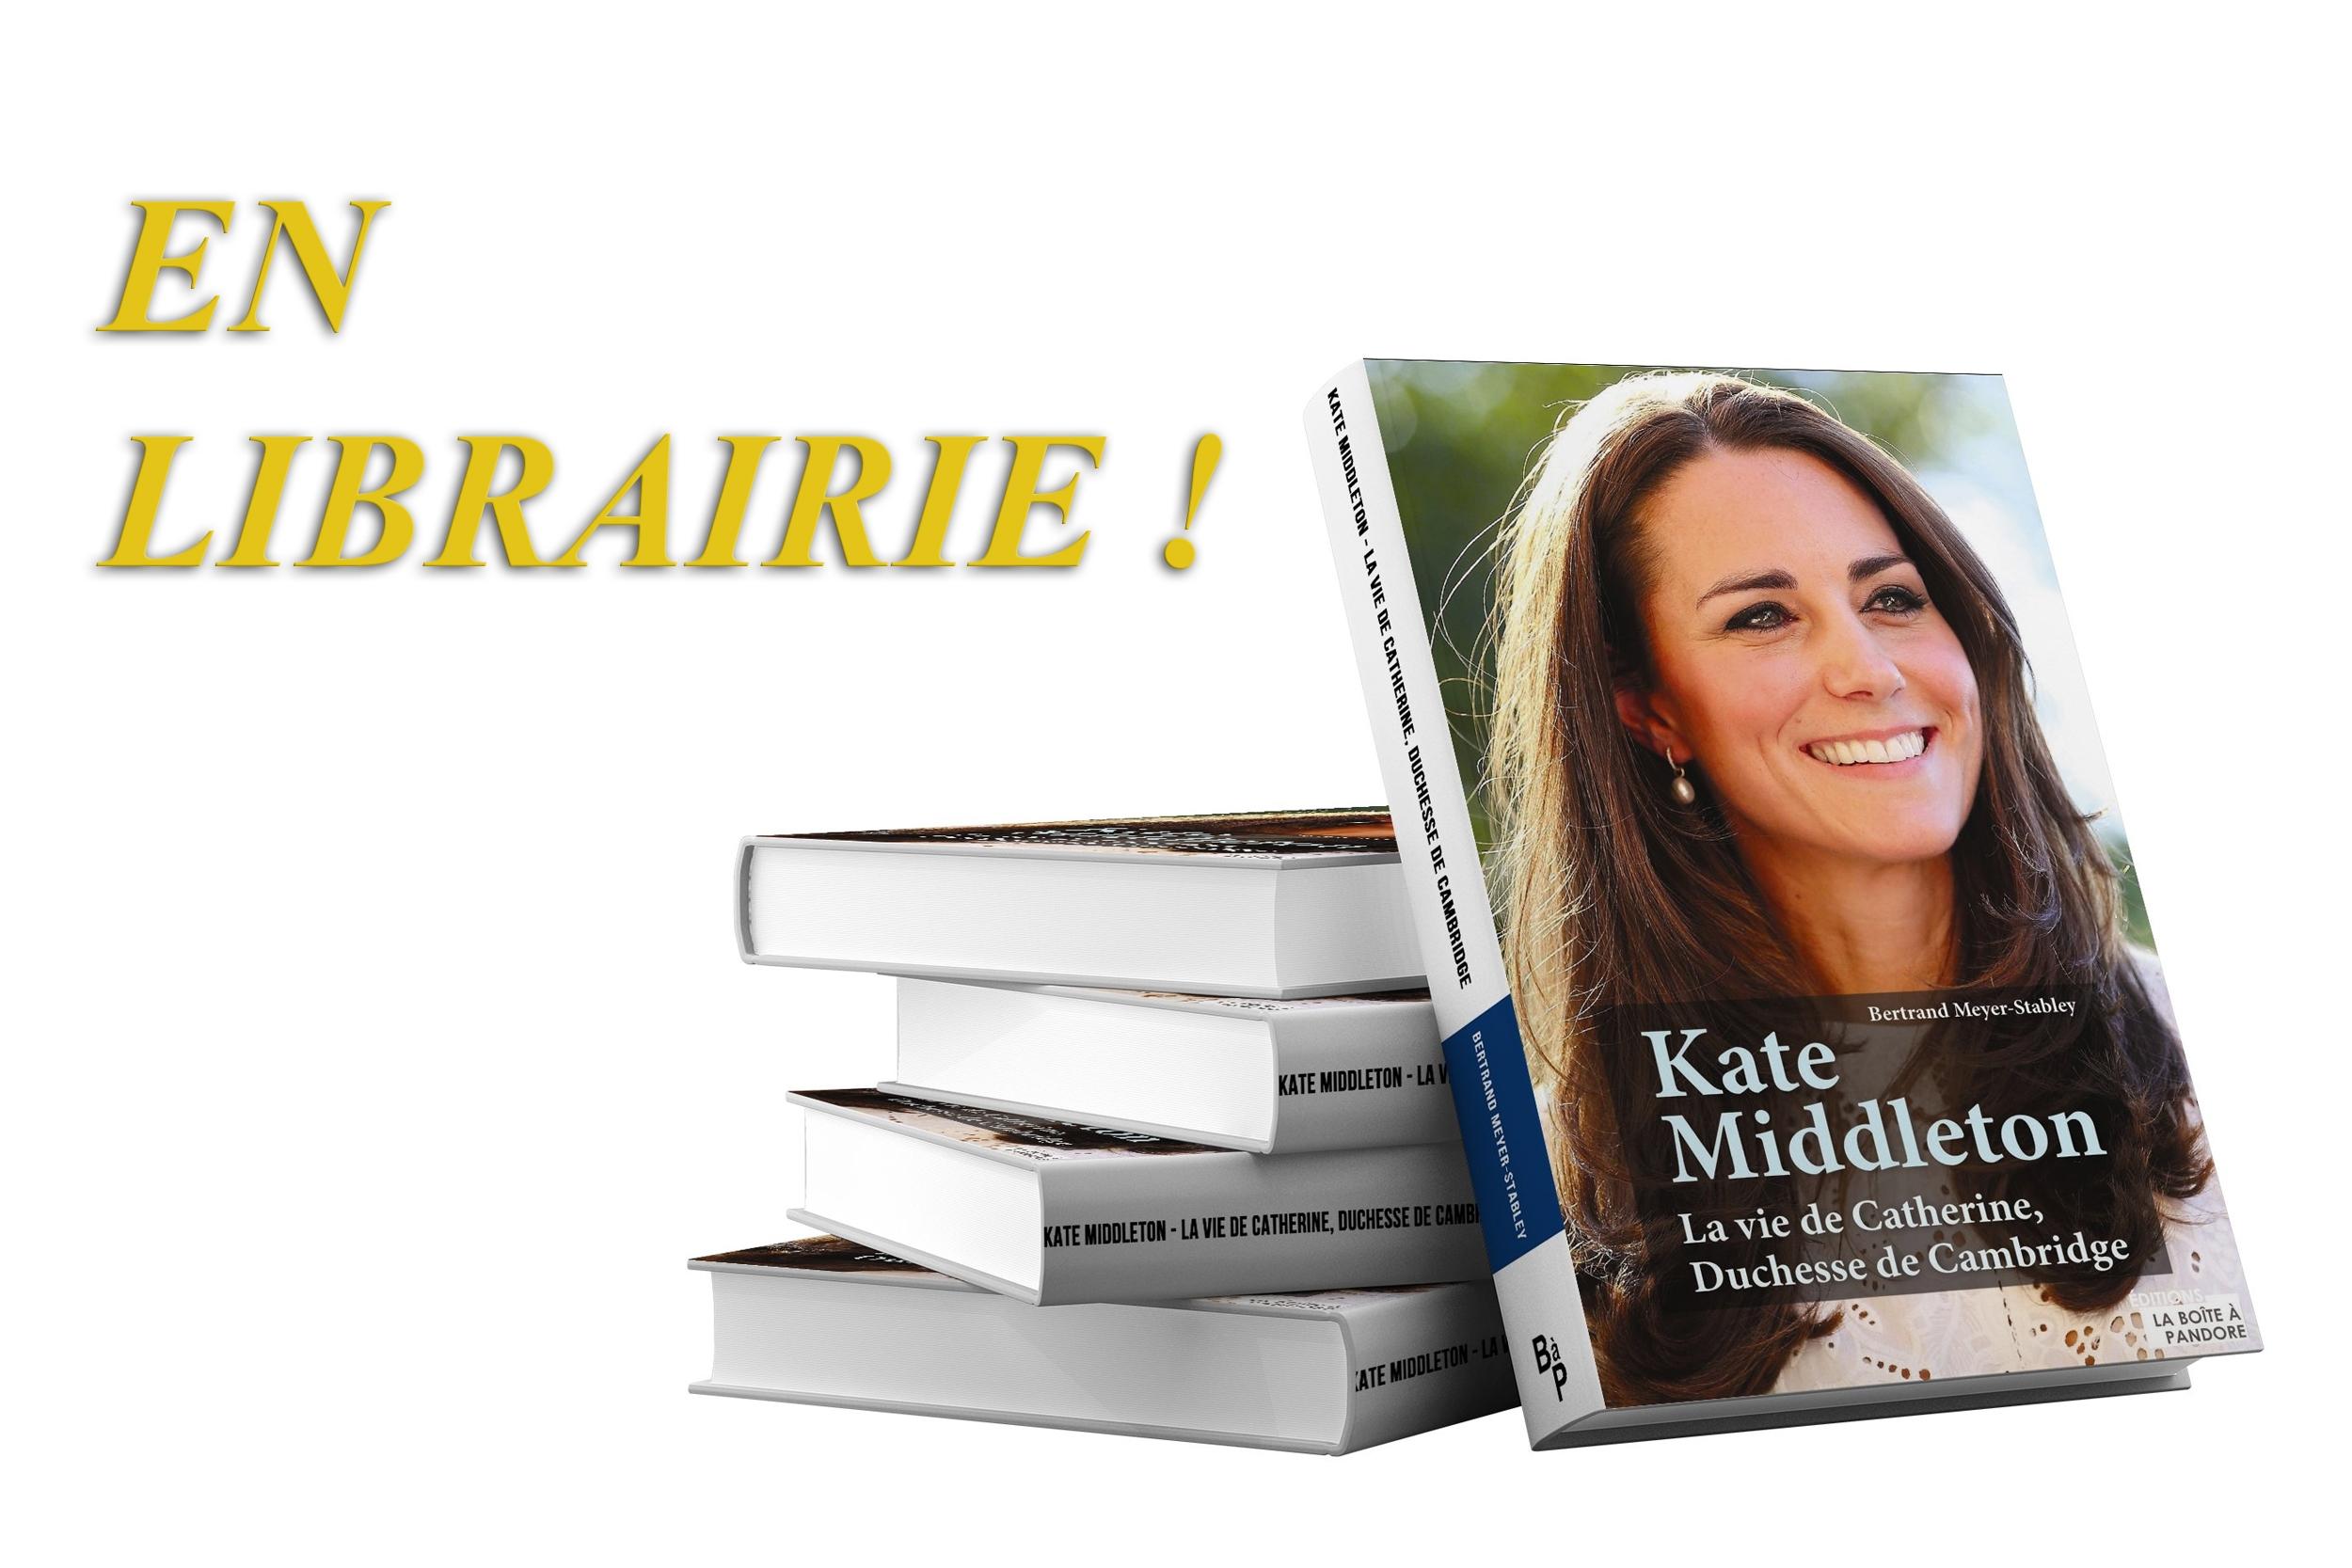 Kate Middleton : La vie de Catherine, Duchesse de Cambridge